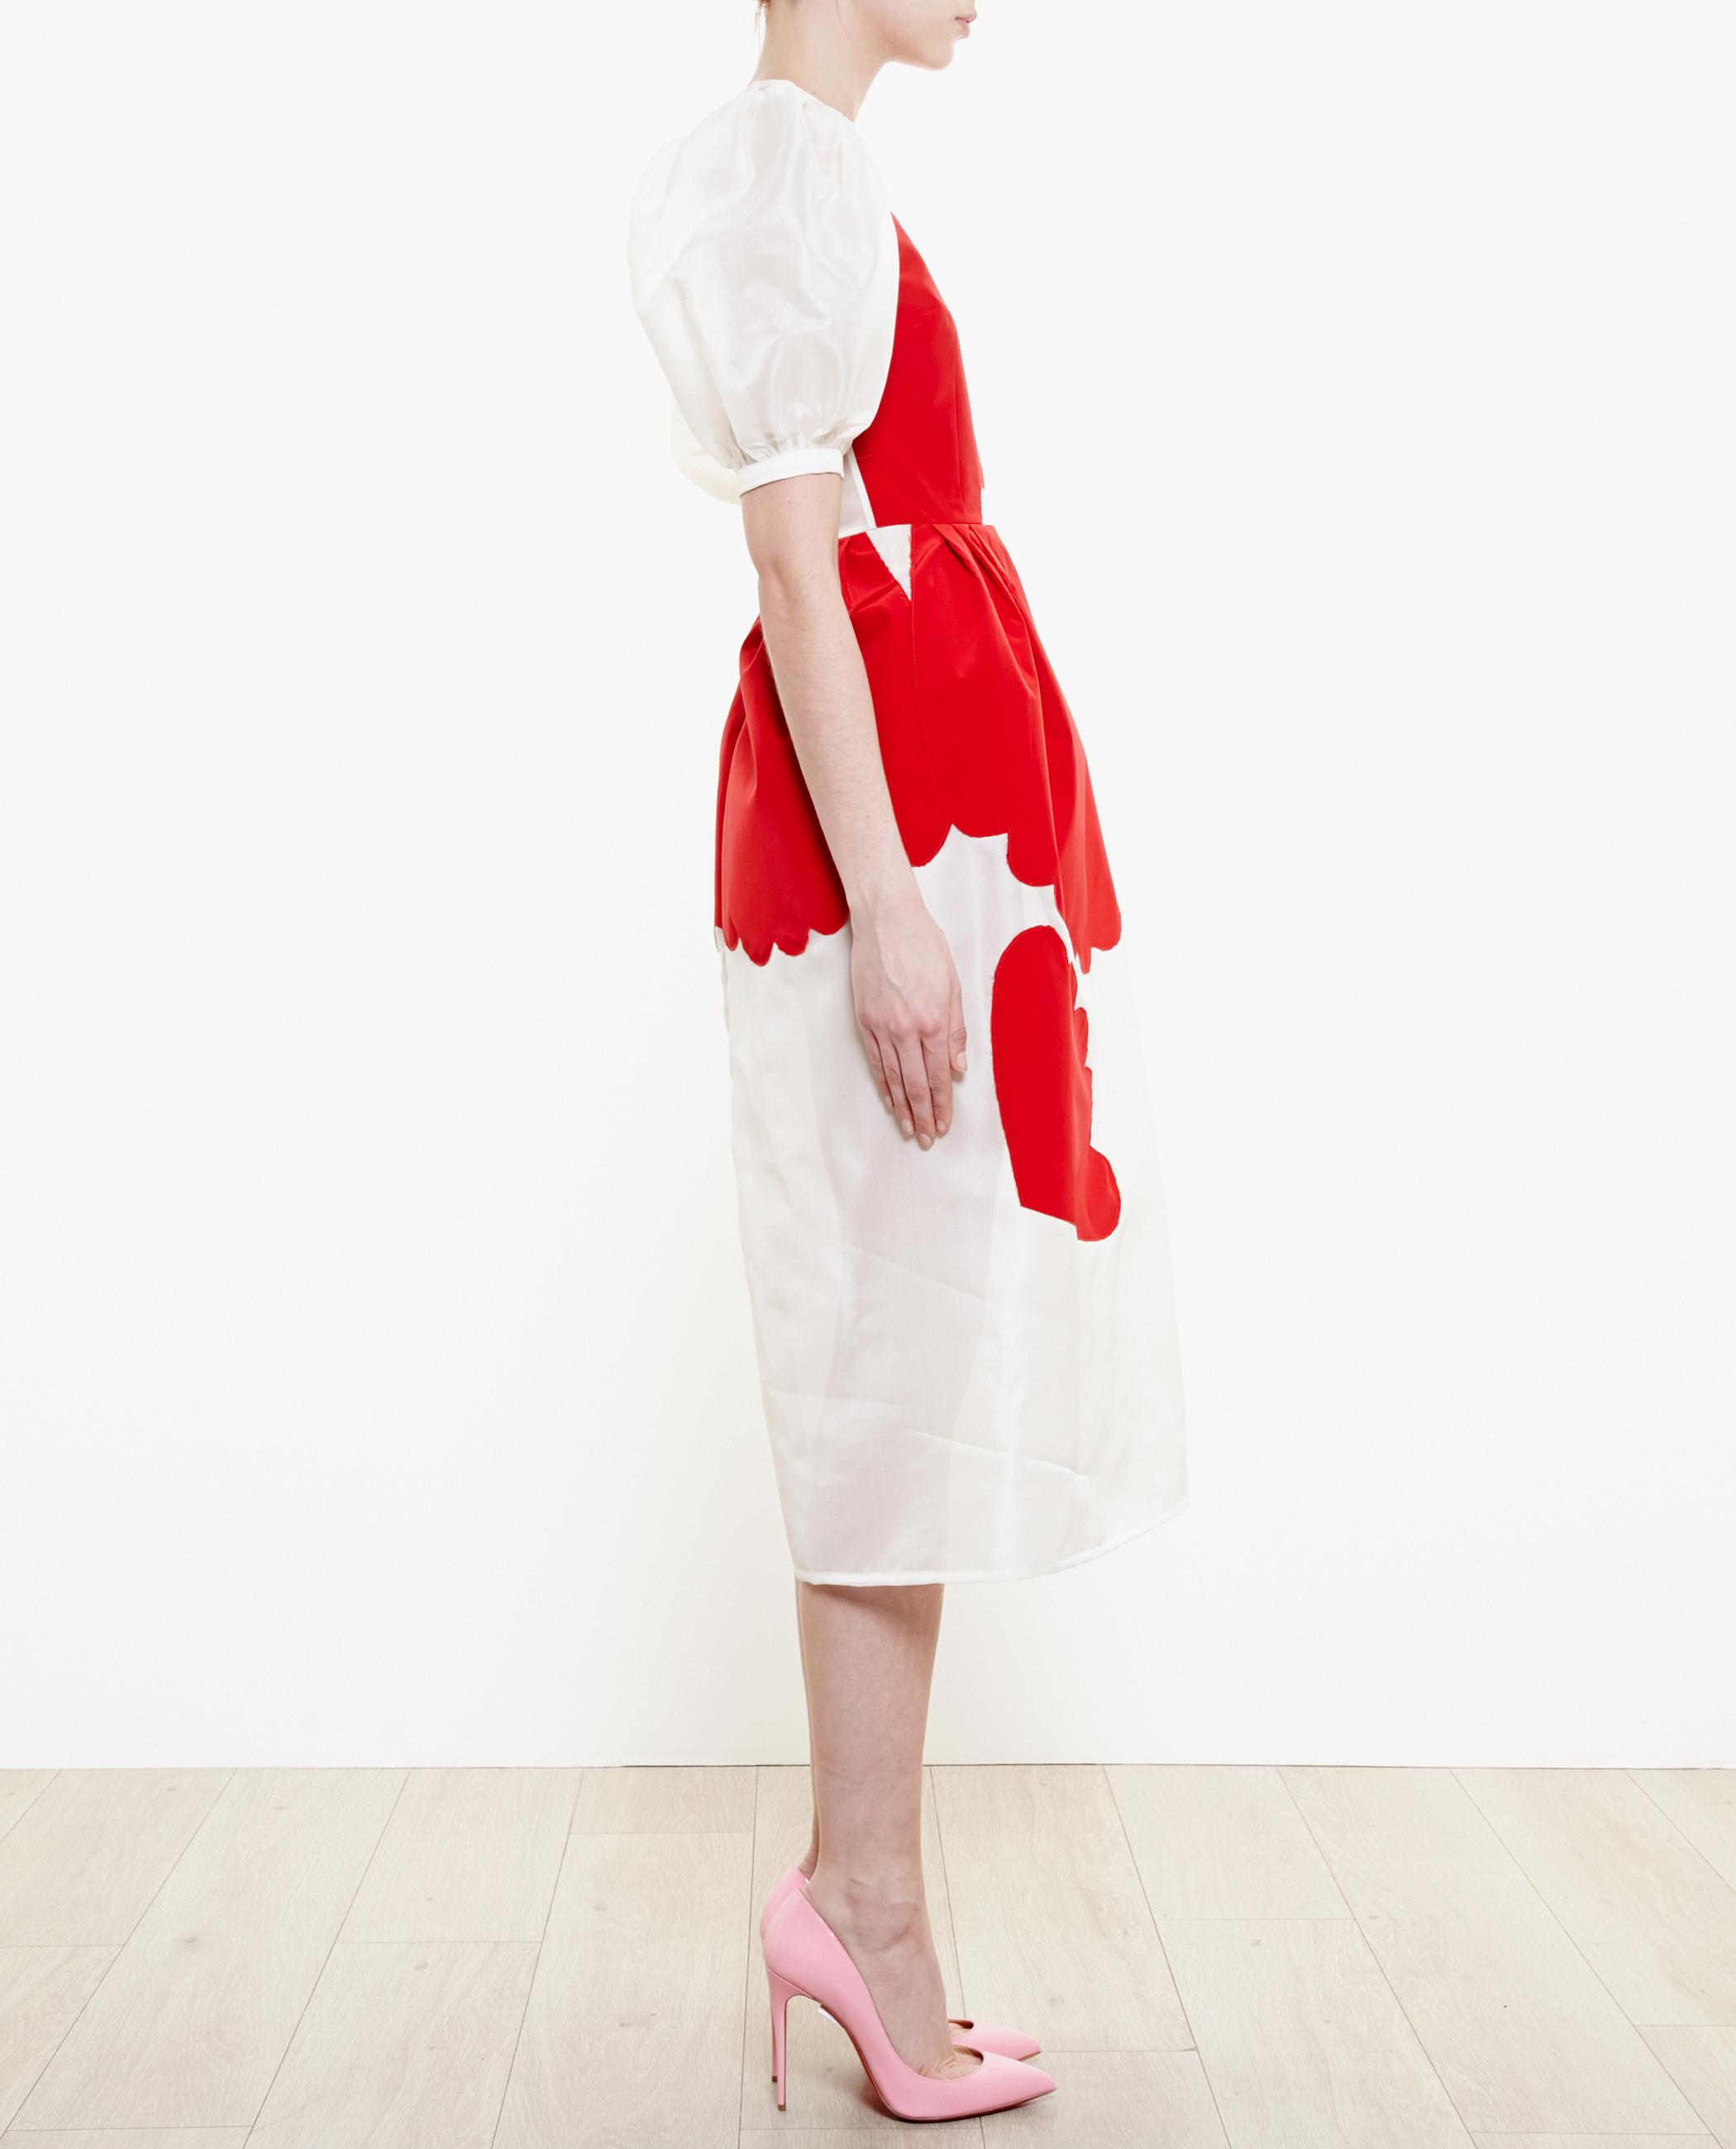 Tata naka white dress